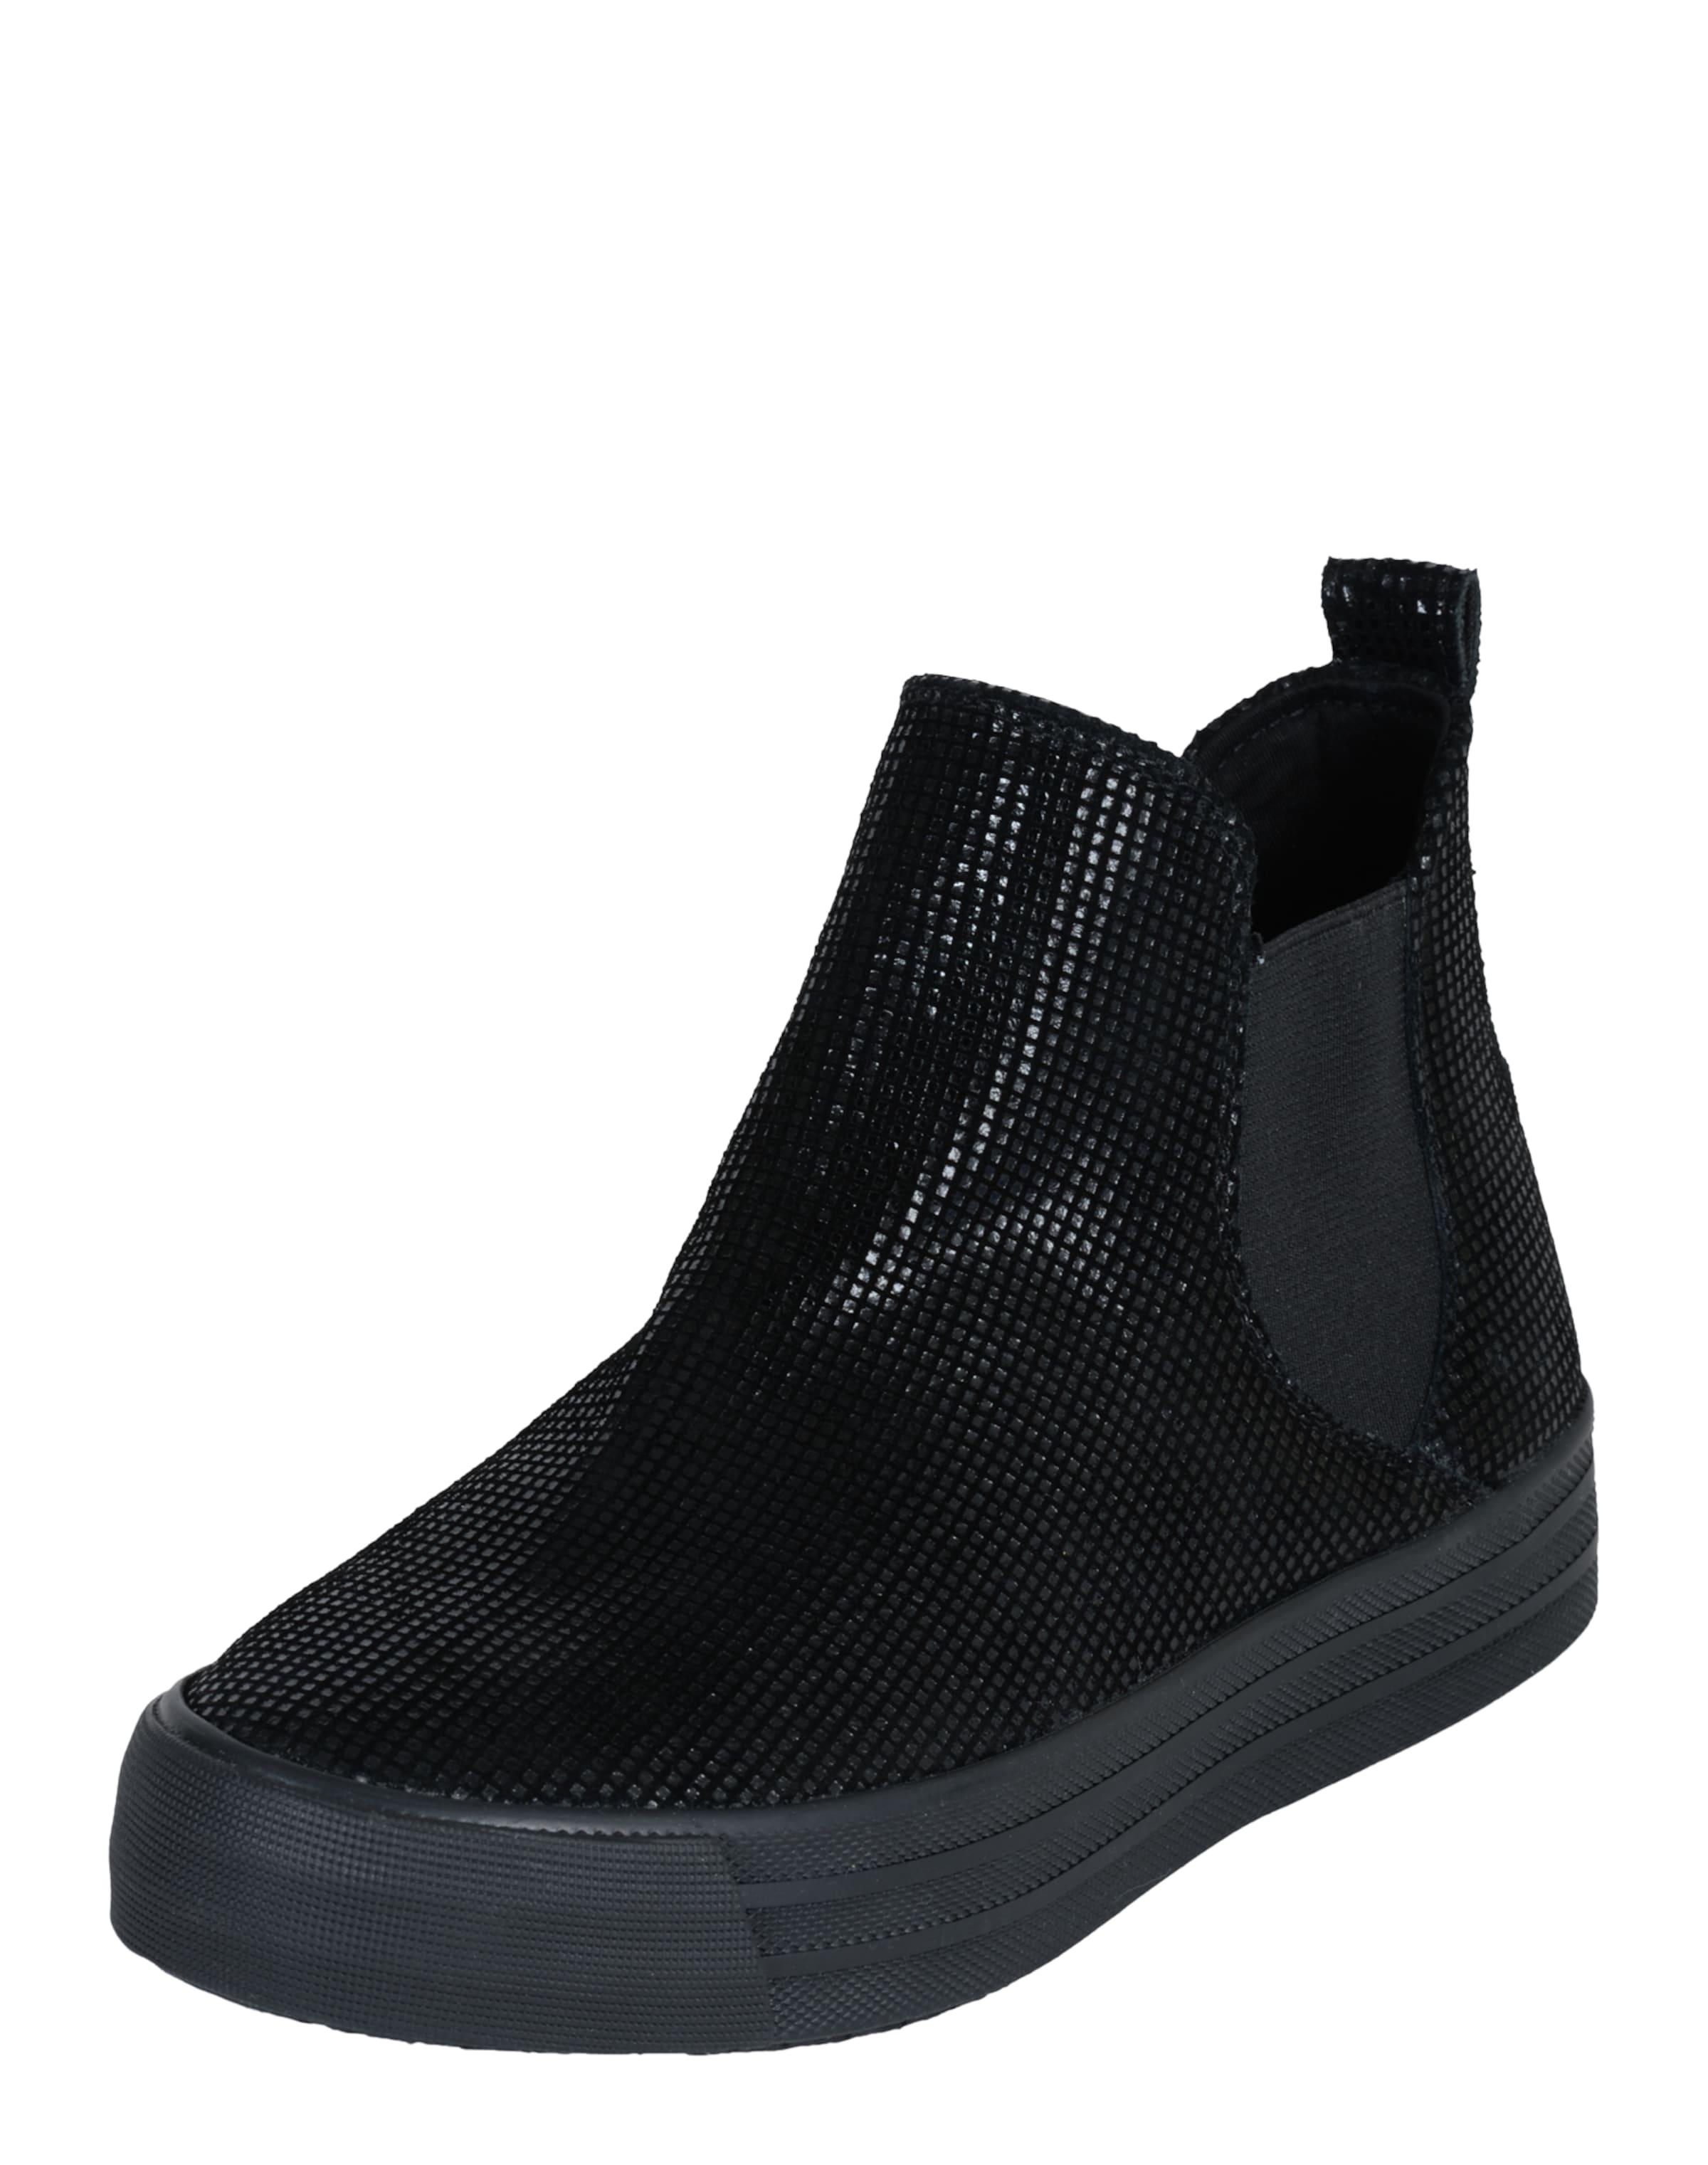 TOMMY HILFIGER Sneaker 'Nice' Günstig Online Kaufen L6Ne6x0Pp